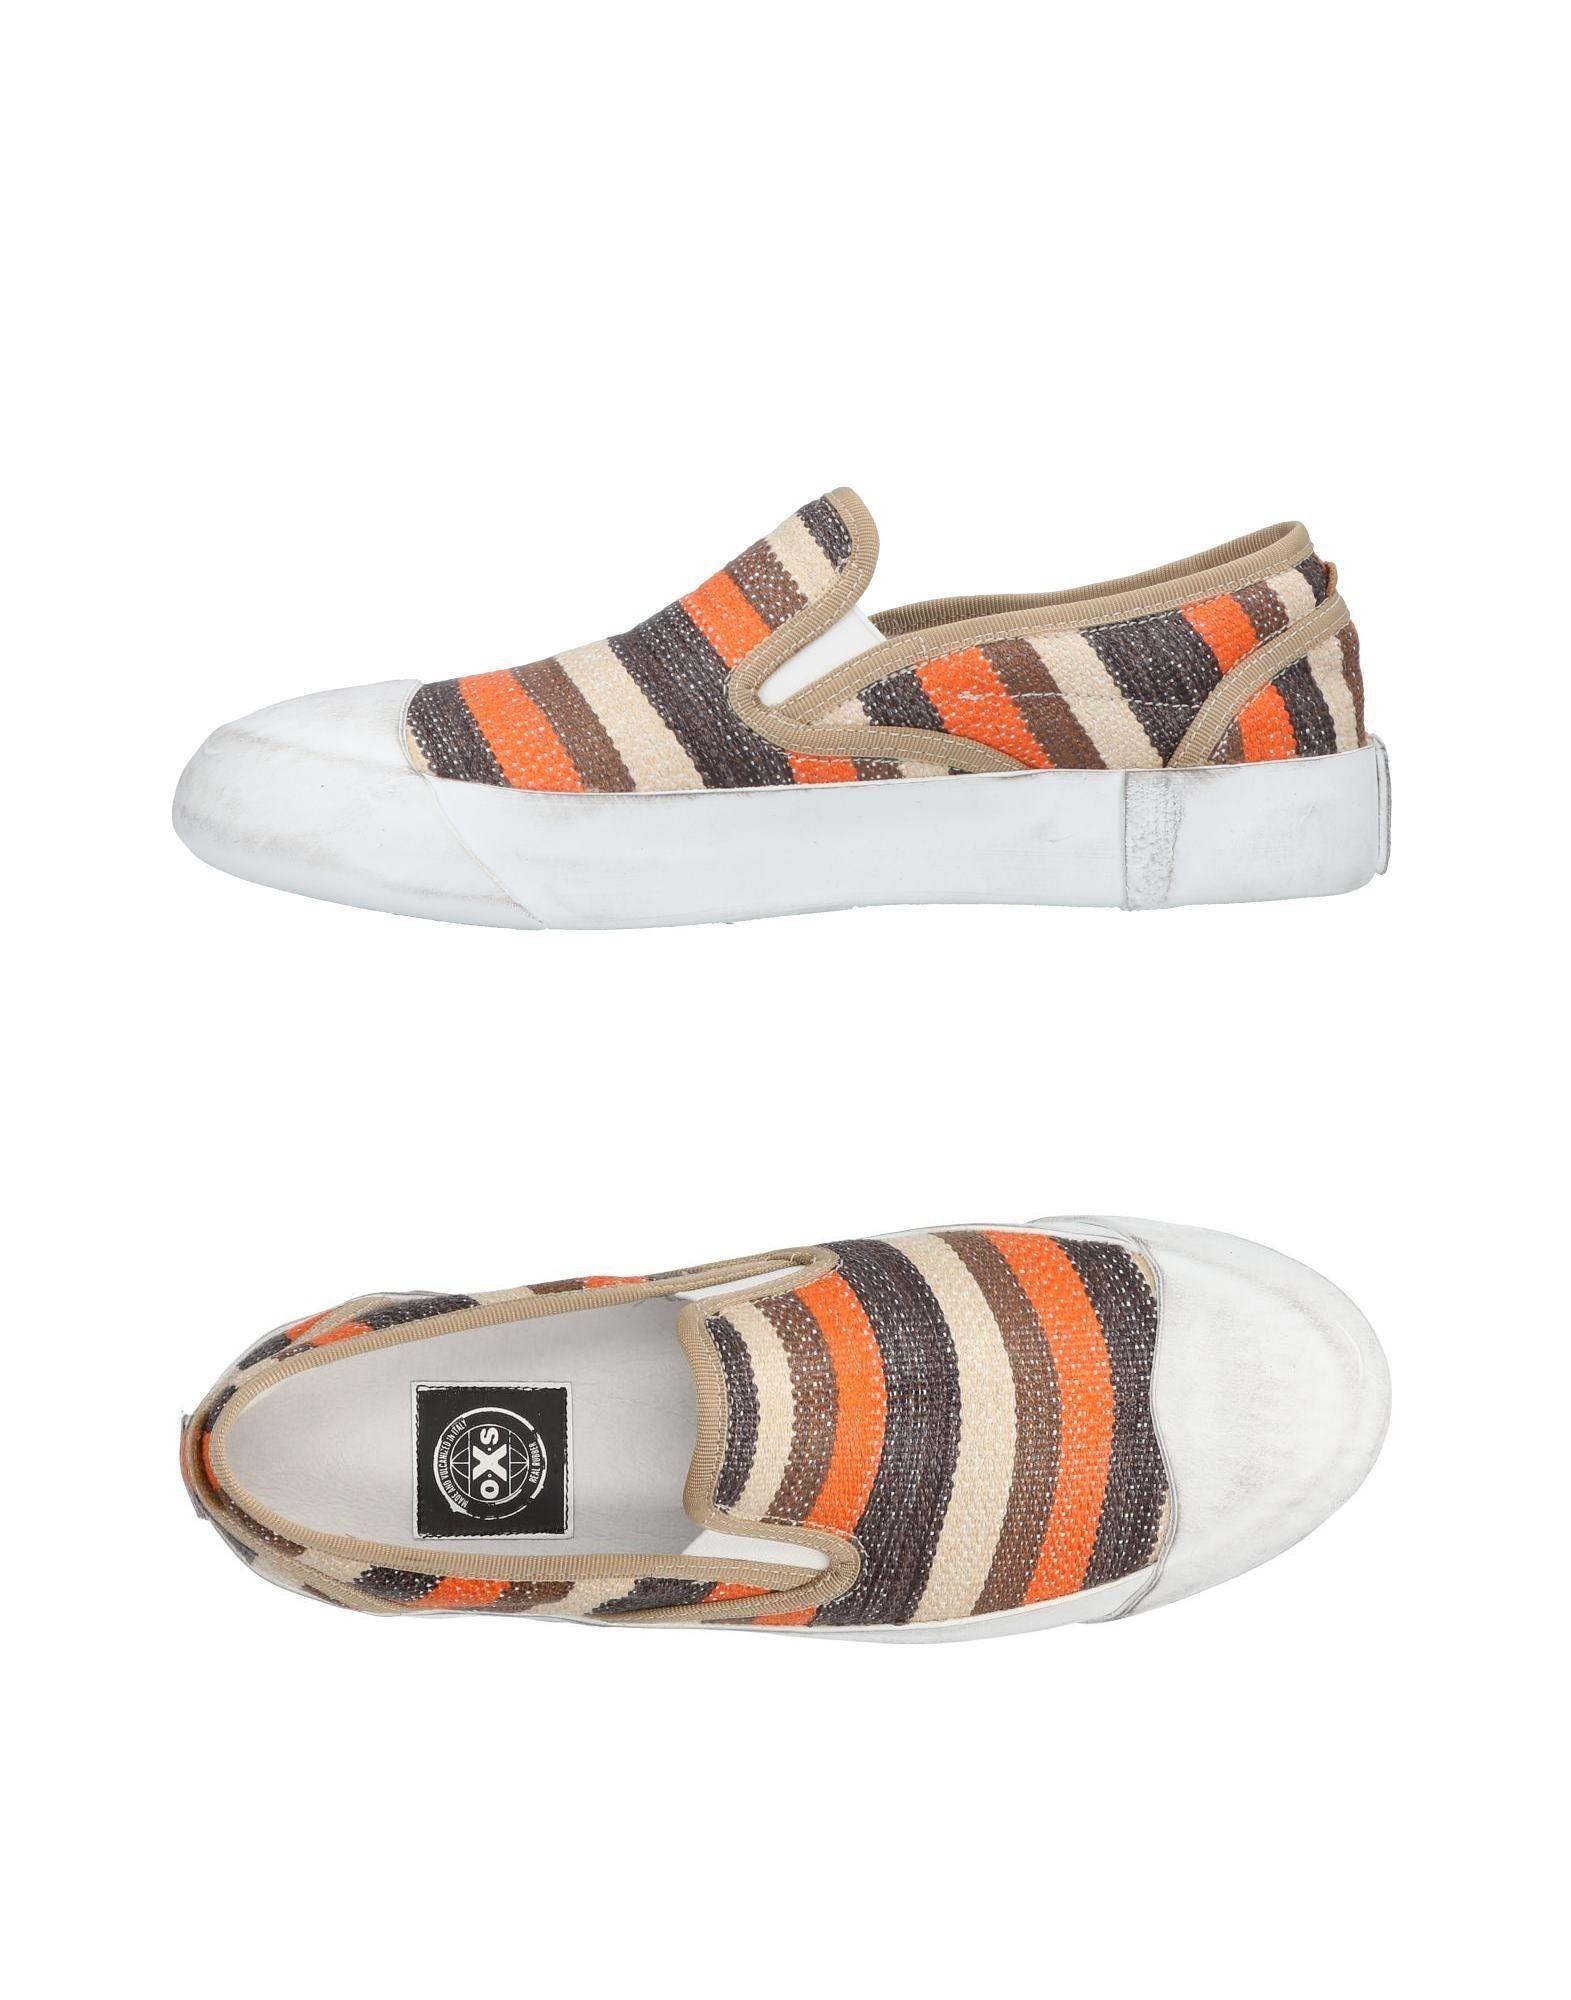 Scarpe economiche e resistenti Sneakers O.X.S. Donna - 11468474BK